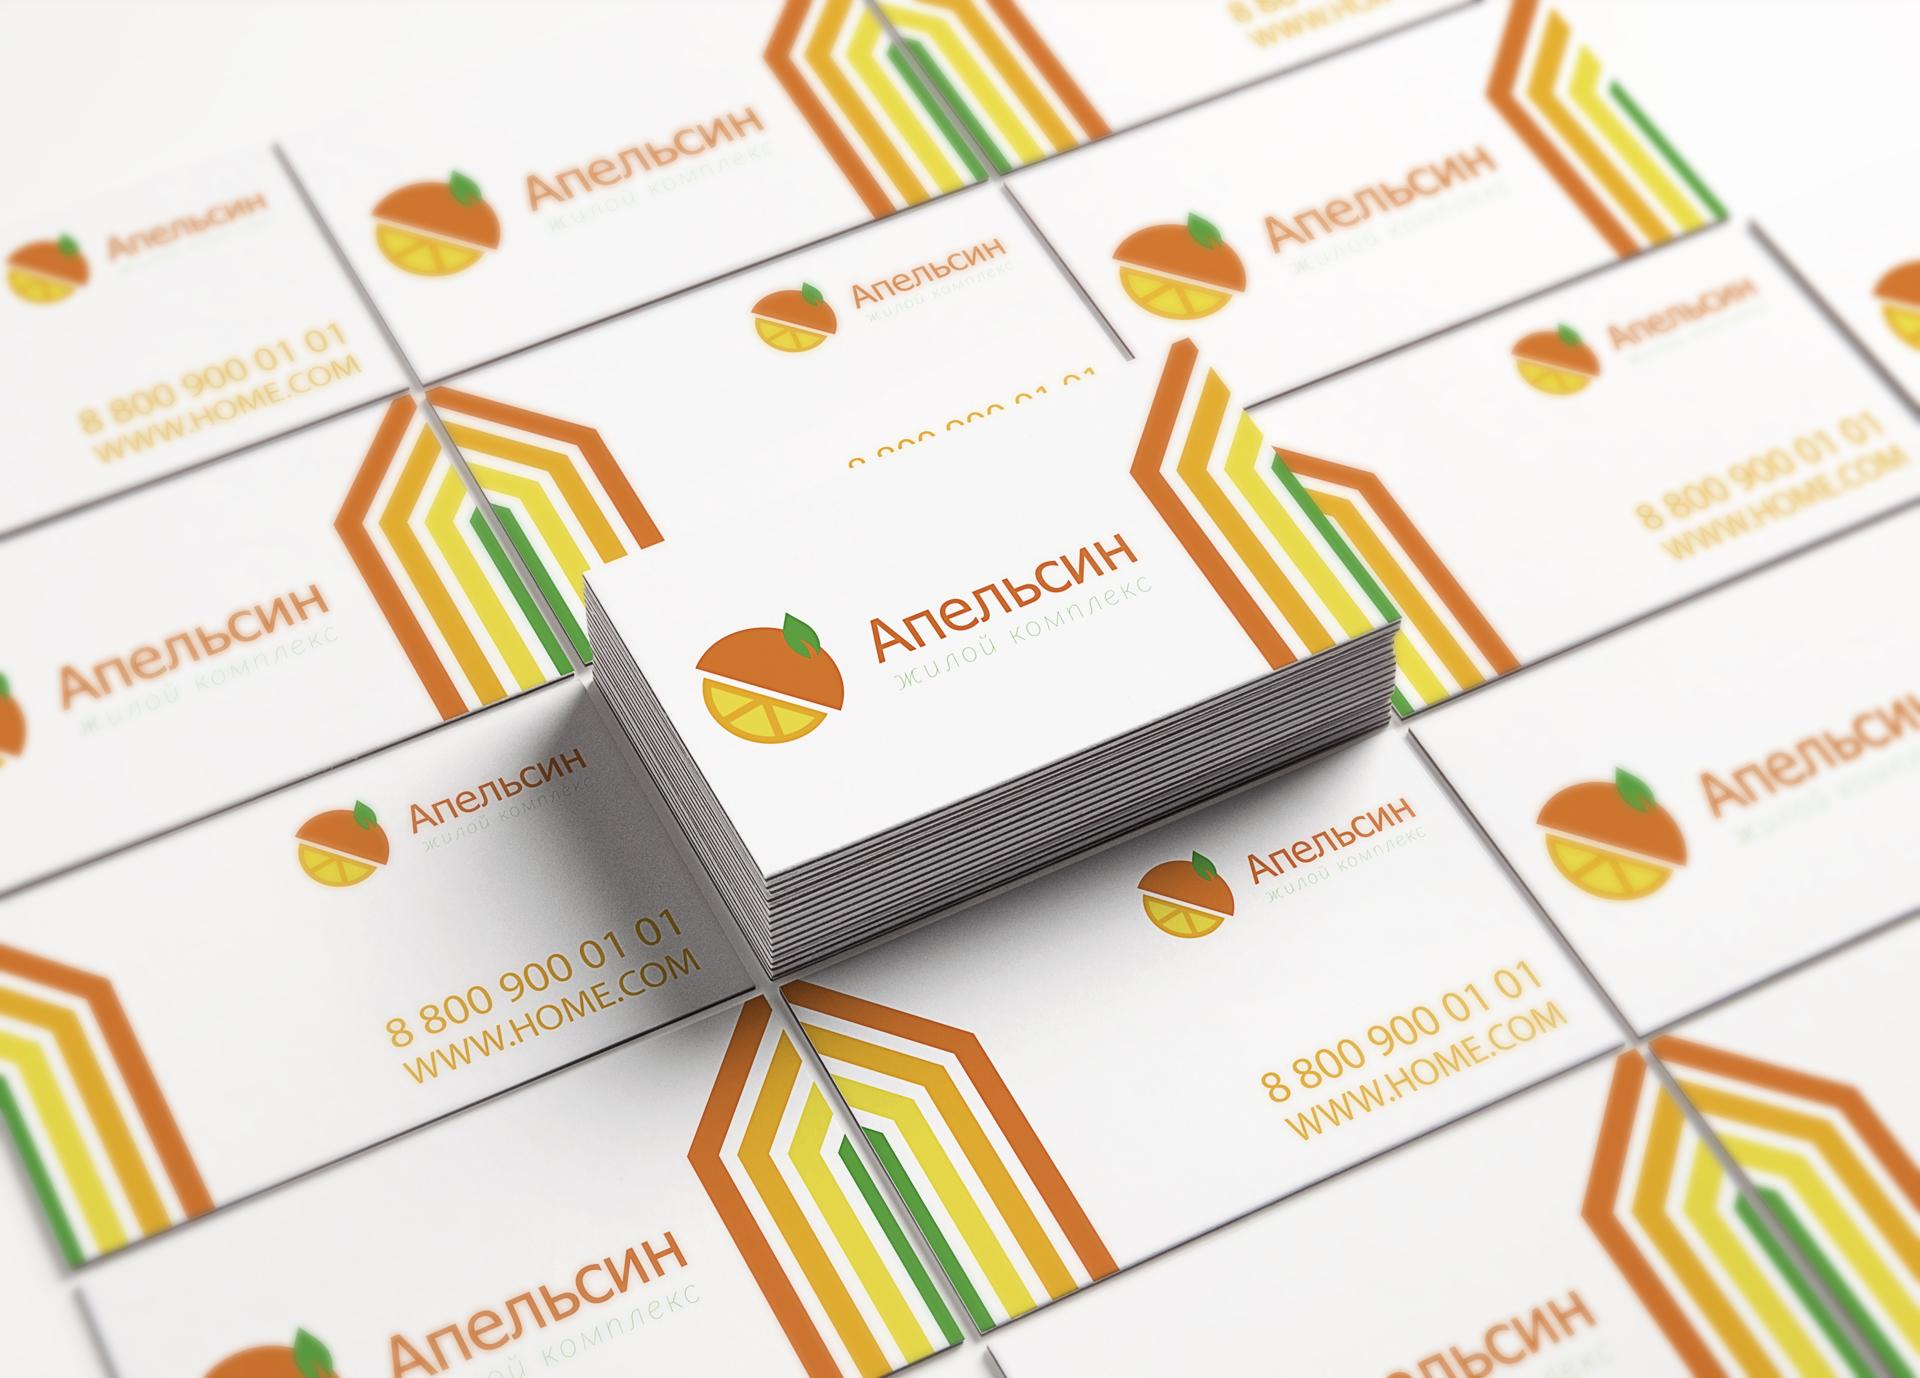 Логотип и фирменный стиль фото f_4095a63837f355c3.jpg